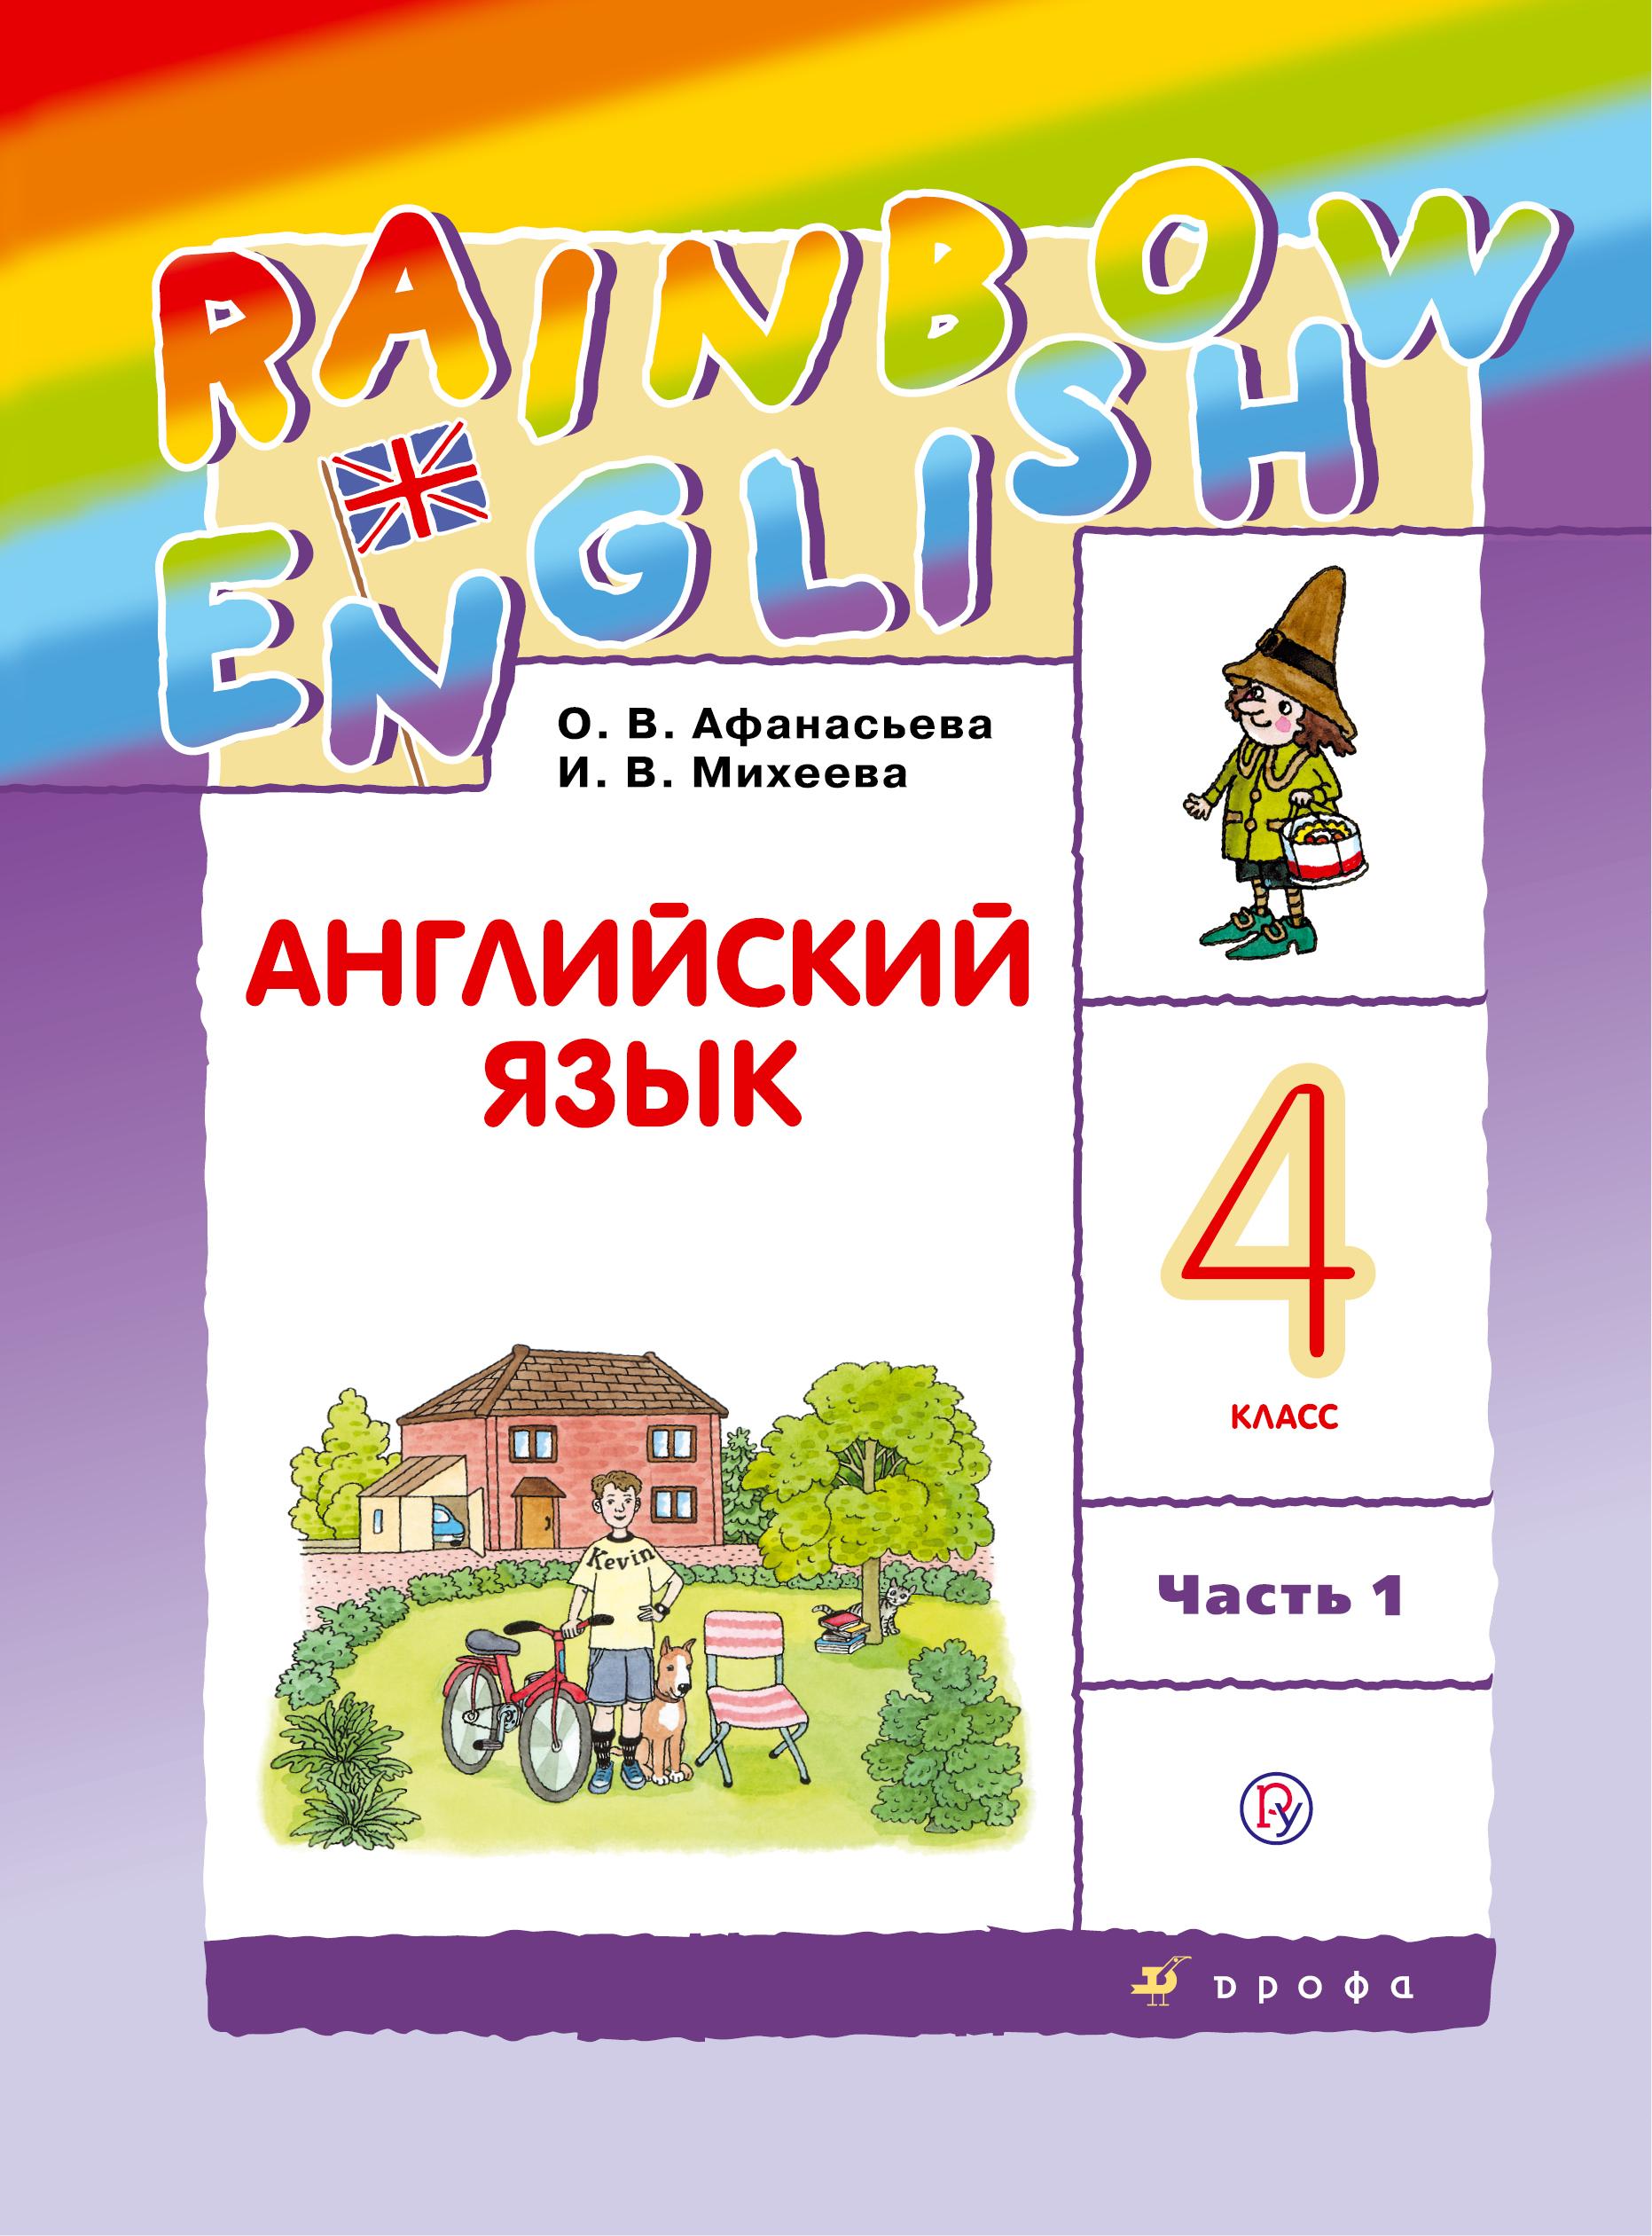 Английский язык. 4 класс. Учебник в 2-х частях. Часть 1, О. В. Афанасьева,И. В. Михеева